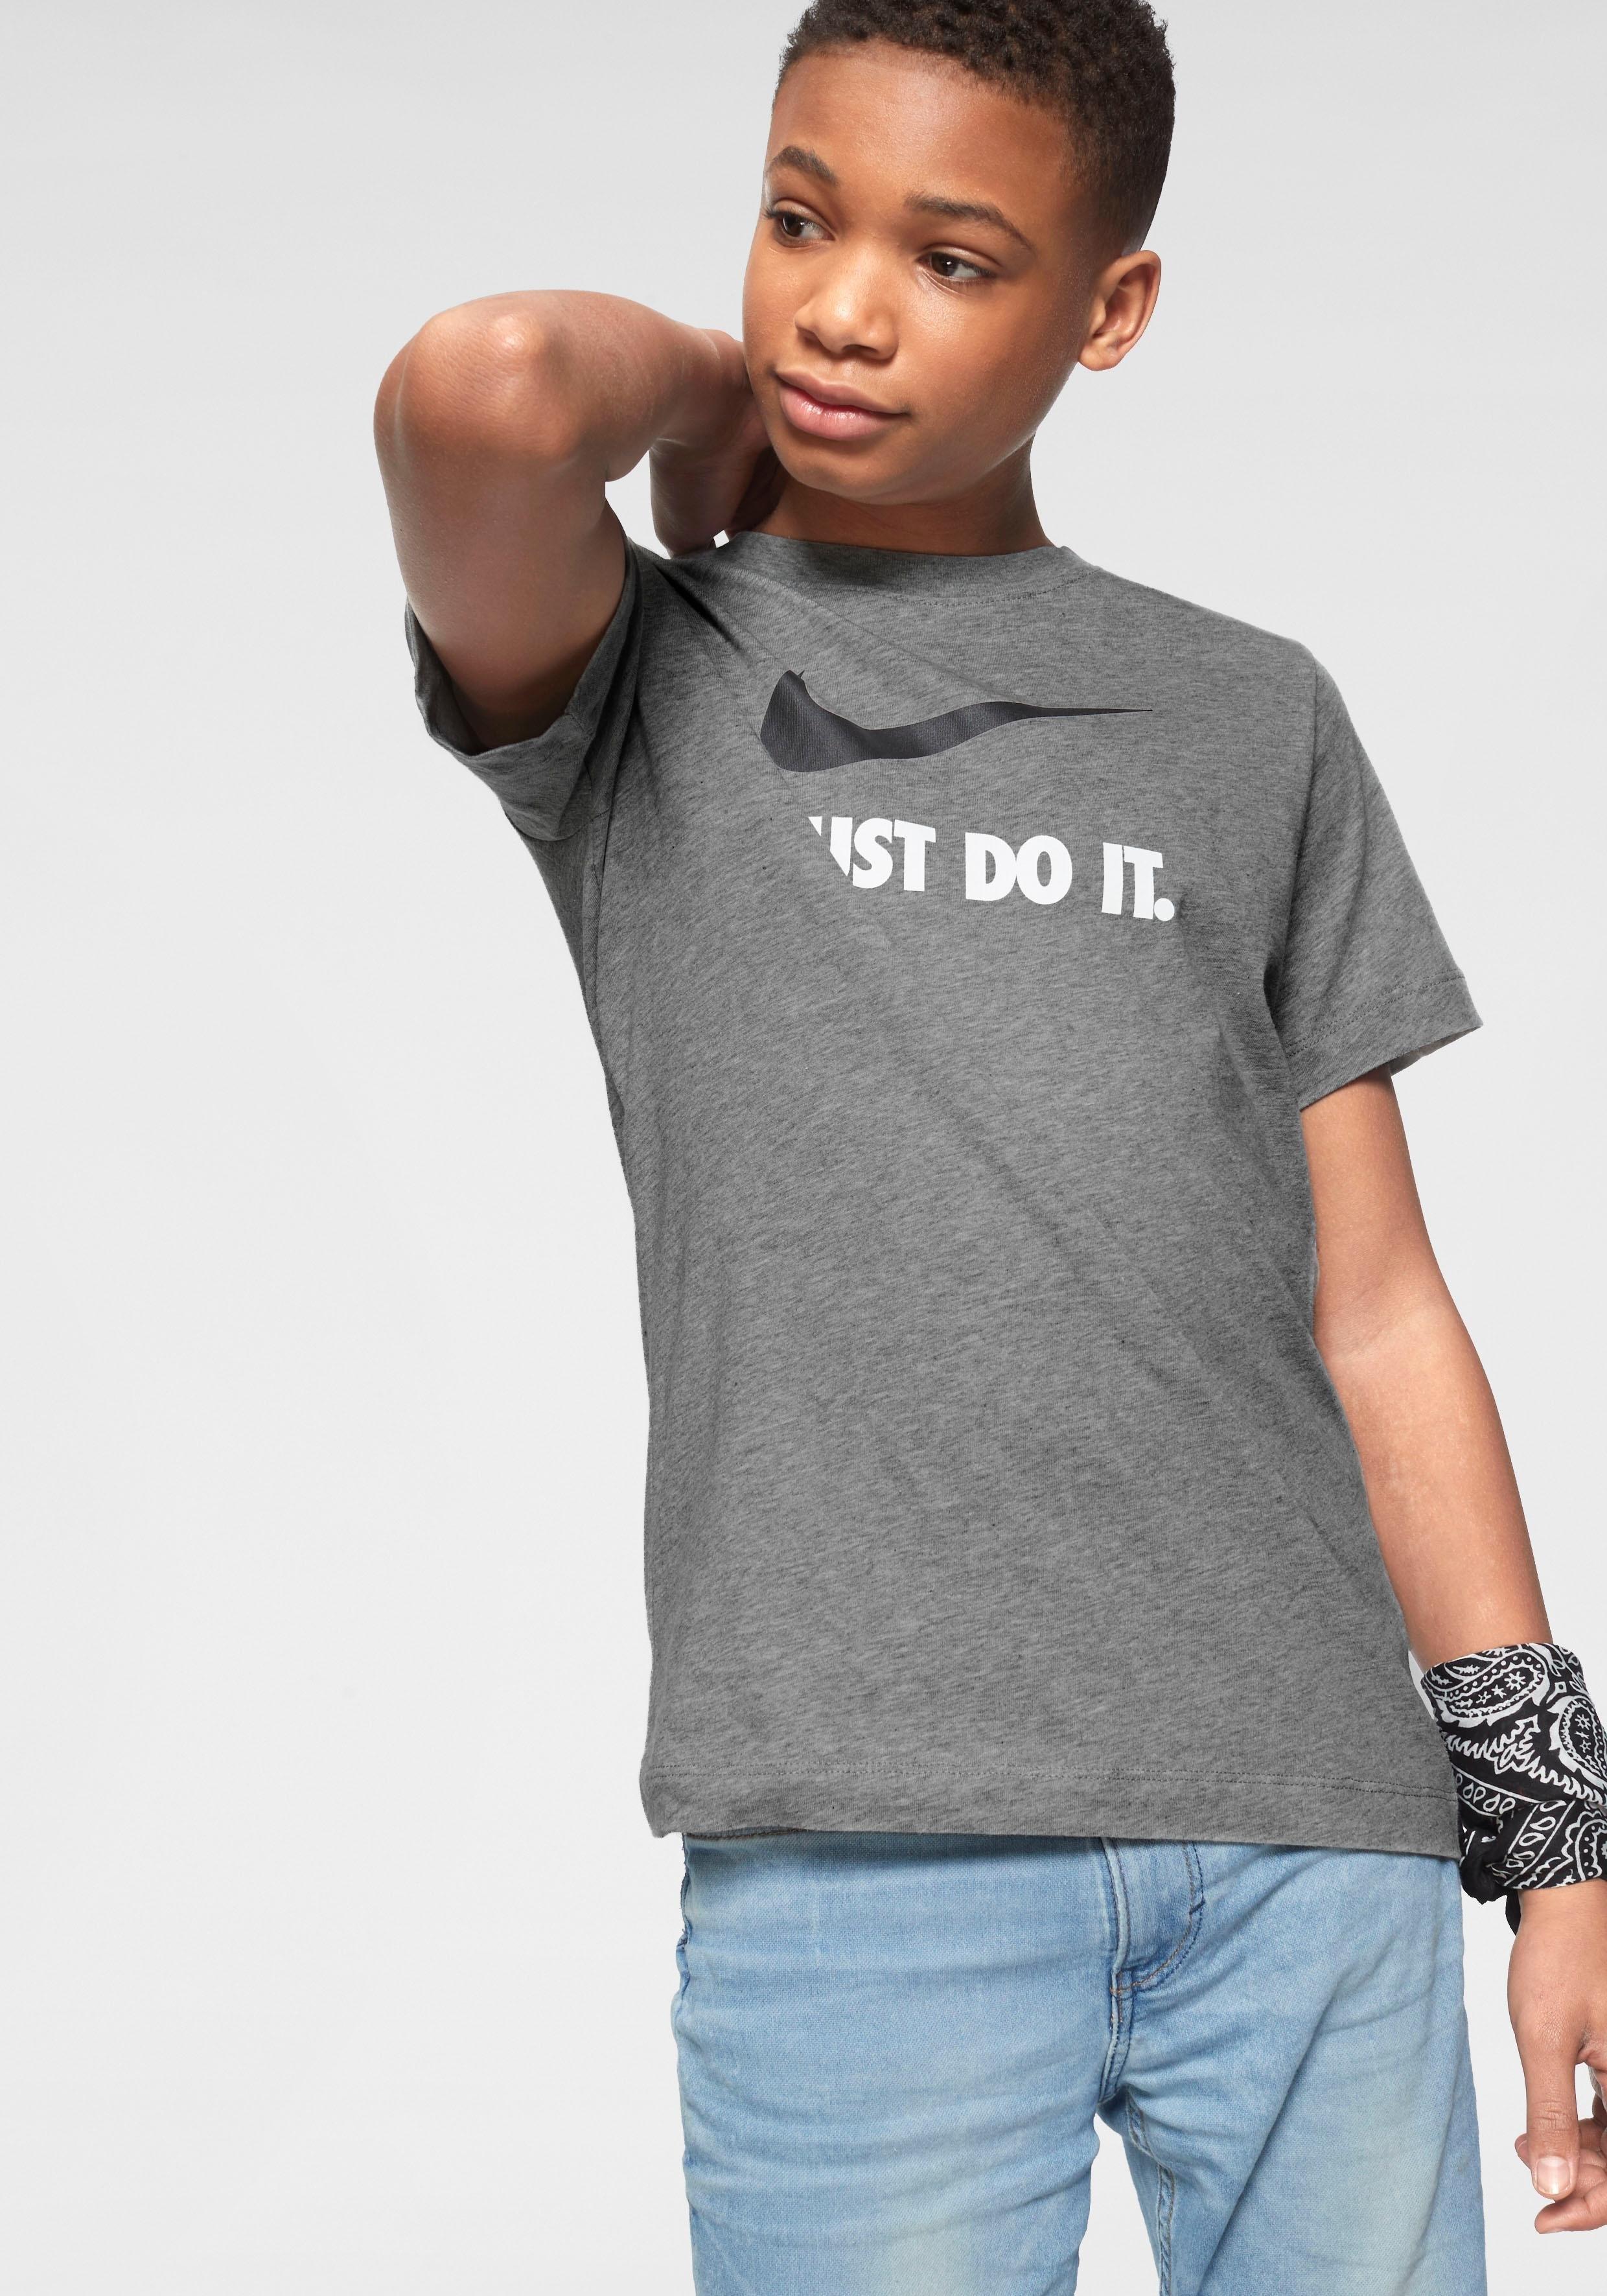 Nike T-shirt »BOYS NIKE SPORTSWEAR TEE JUST DO IT SWOOSH« nu online kopen bij OTTO